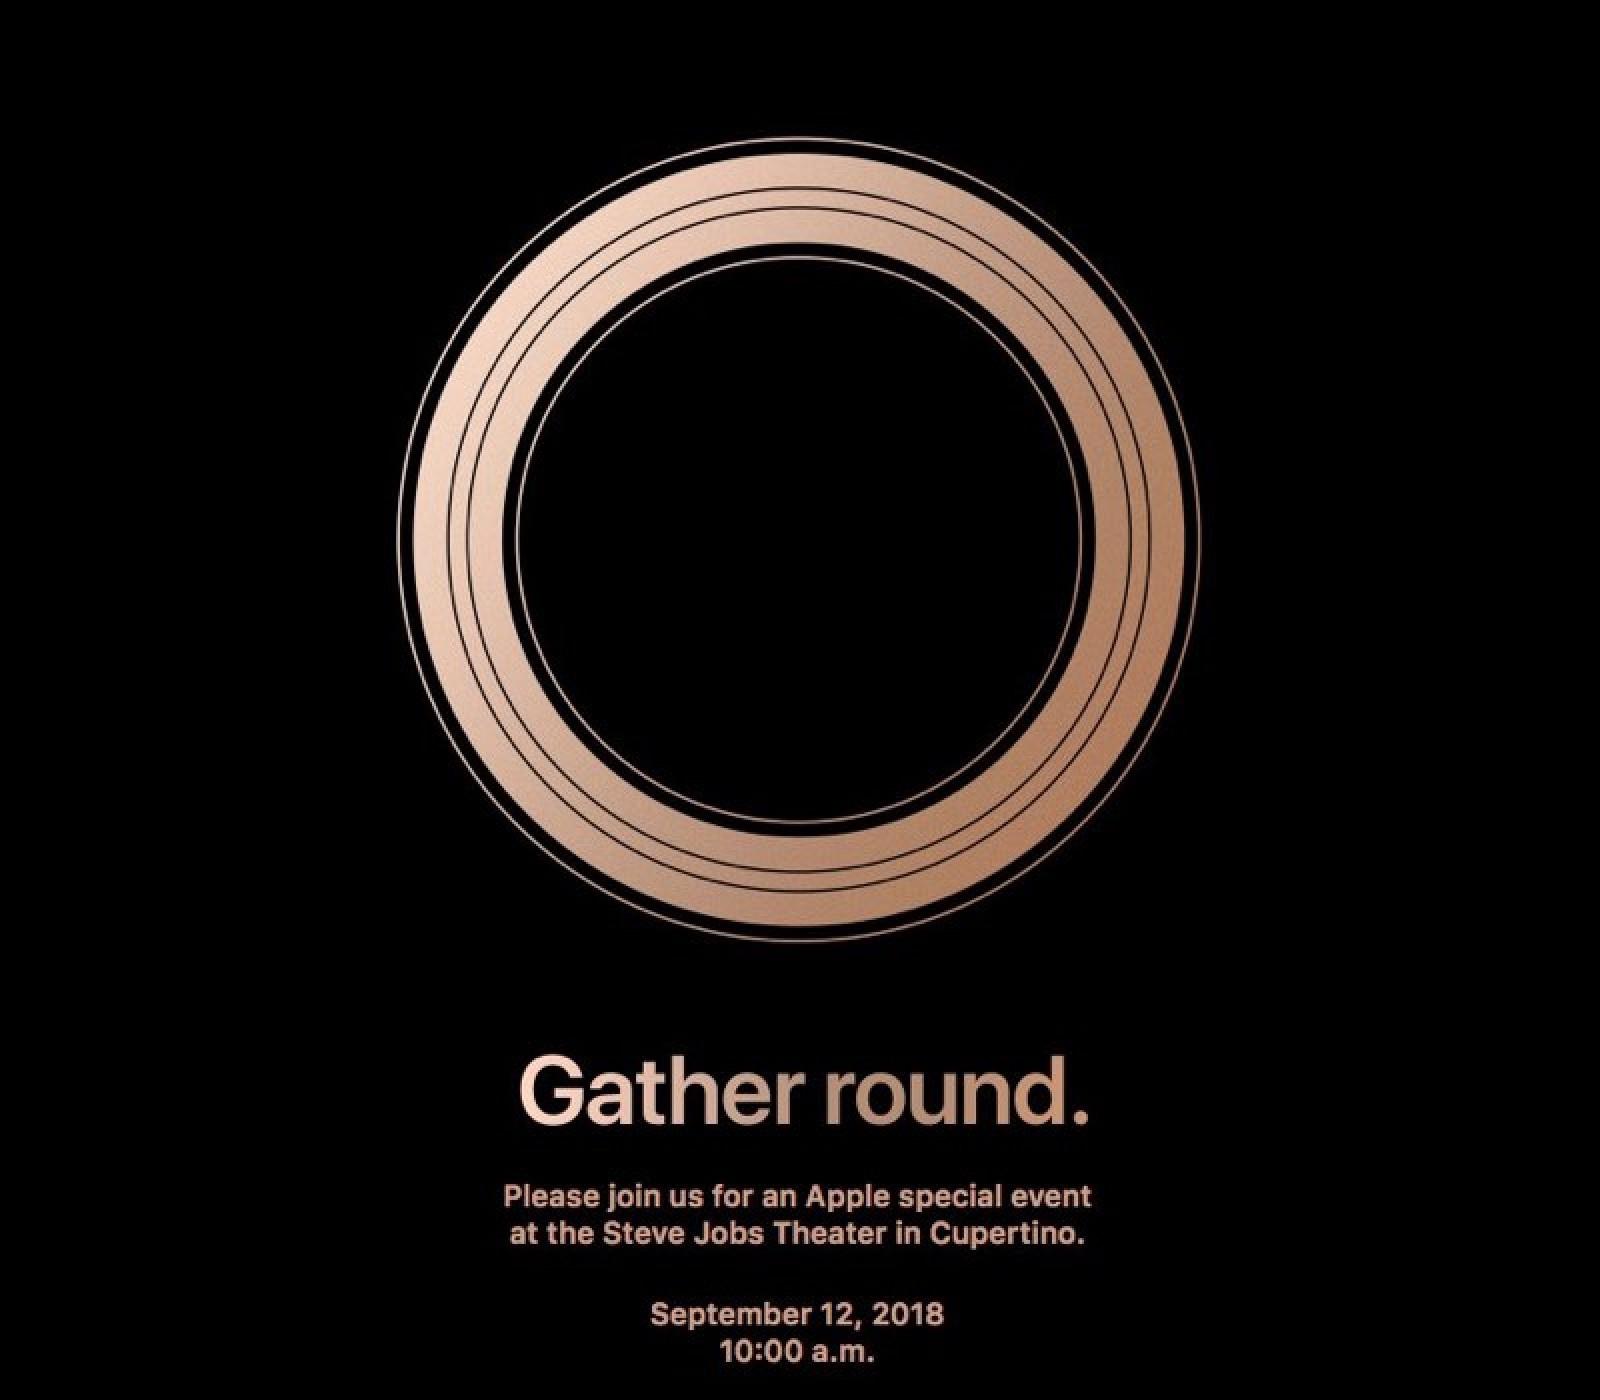 Ufficiale: i nuovi iPhone 2018 saranno presentati il 12 settembre all'Apple Park